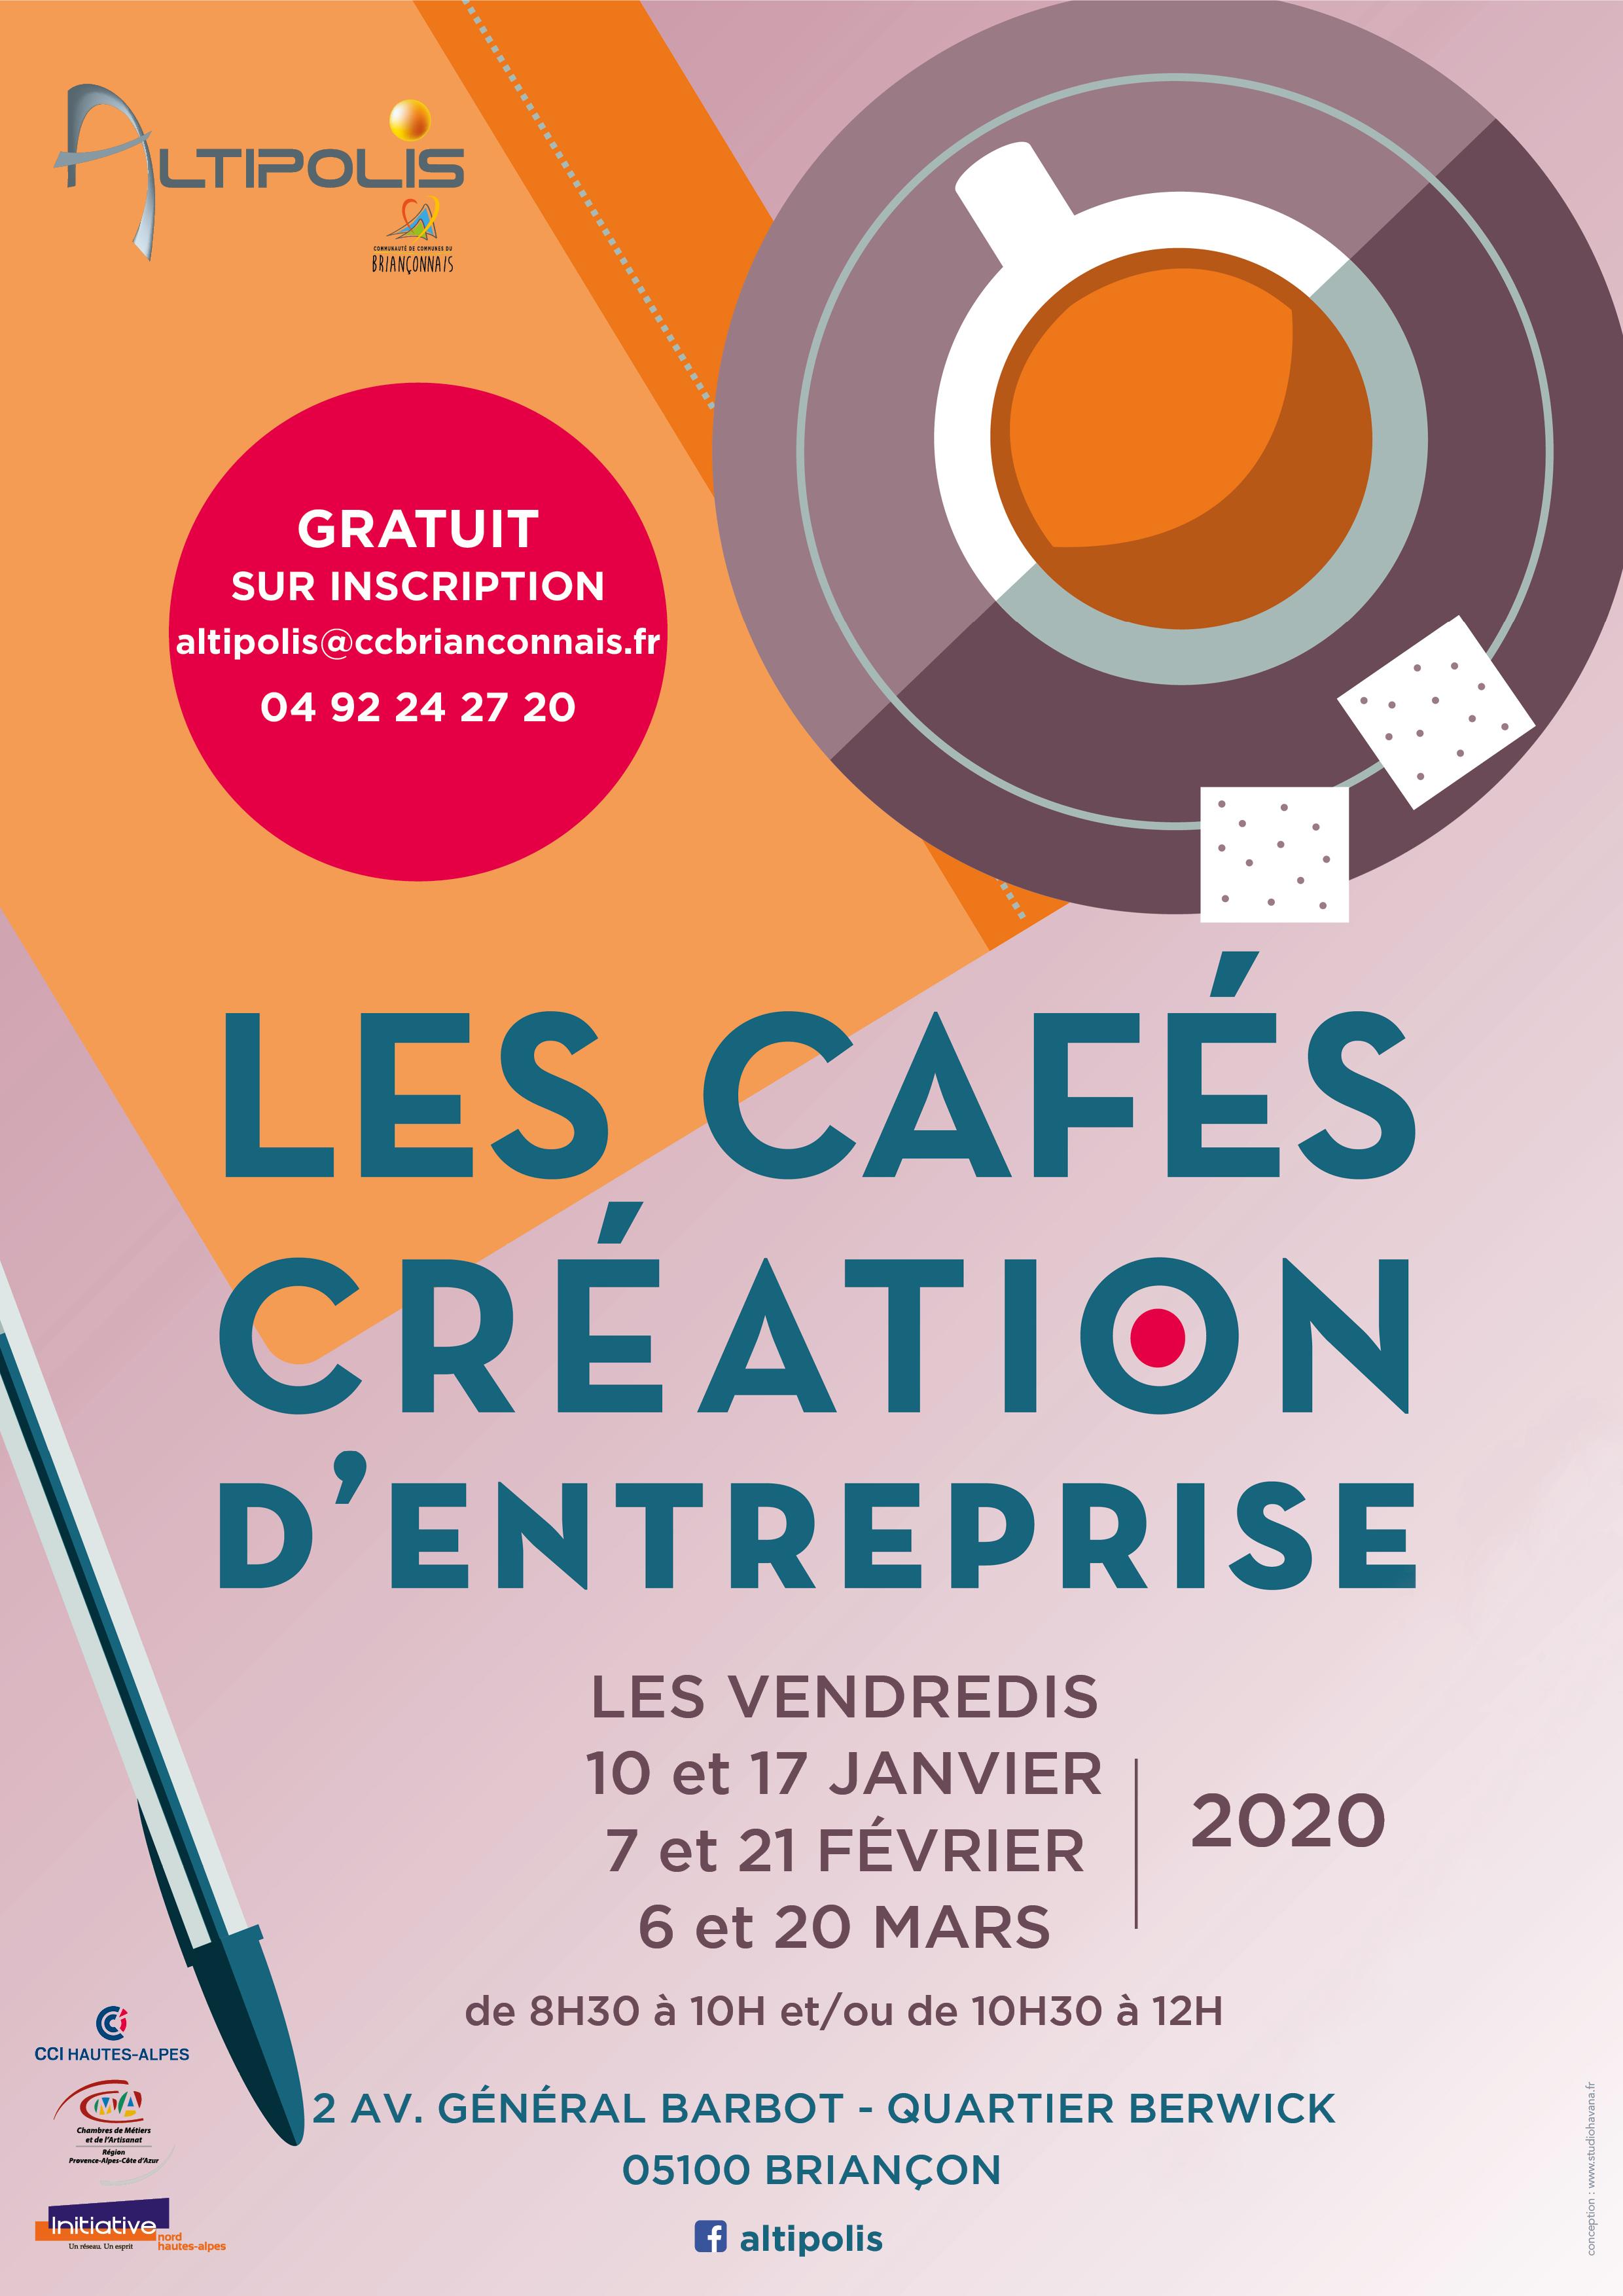 affiche_cafes_creation_1er_trimestre_2020.jpg